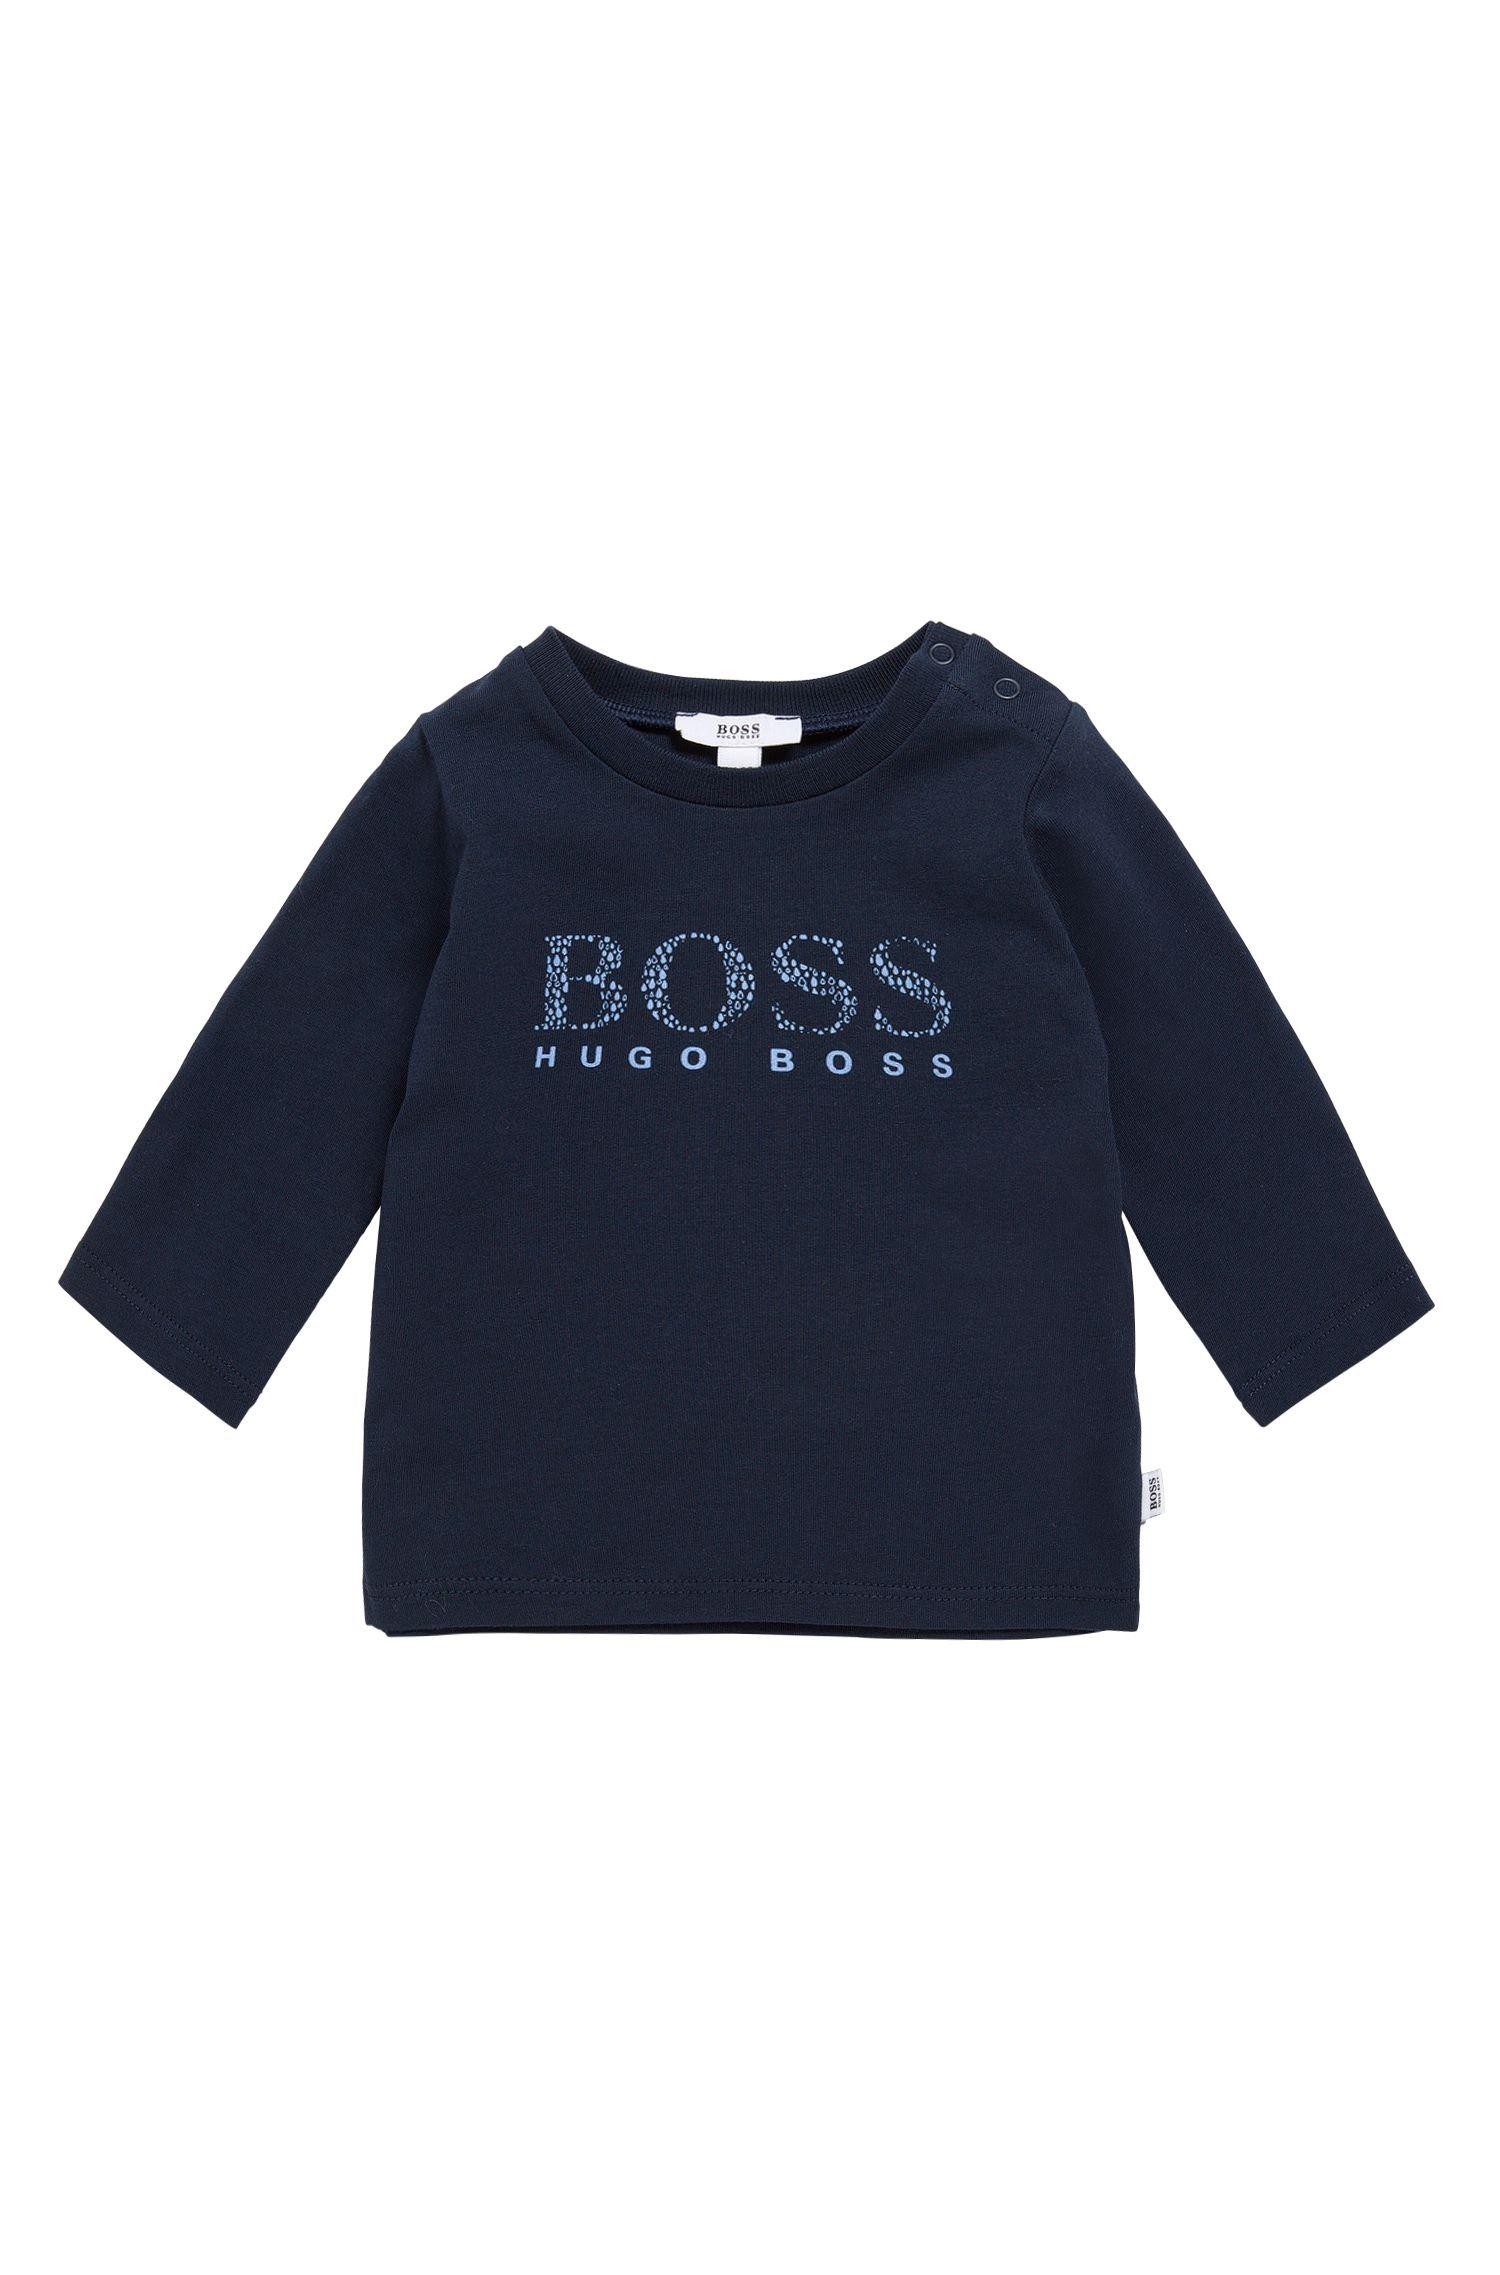 Camiseta de manga larga para bebé en algodón elástico con logotipo estampado: 'J95207'